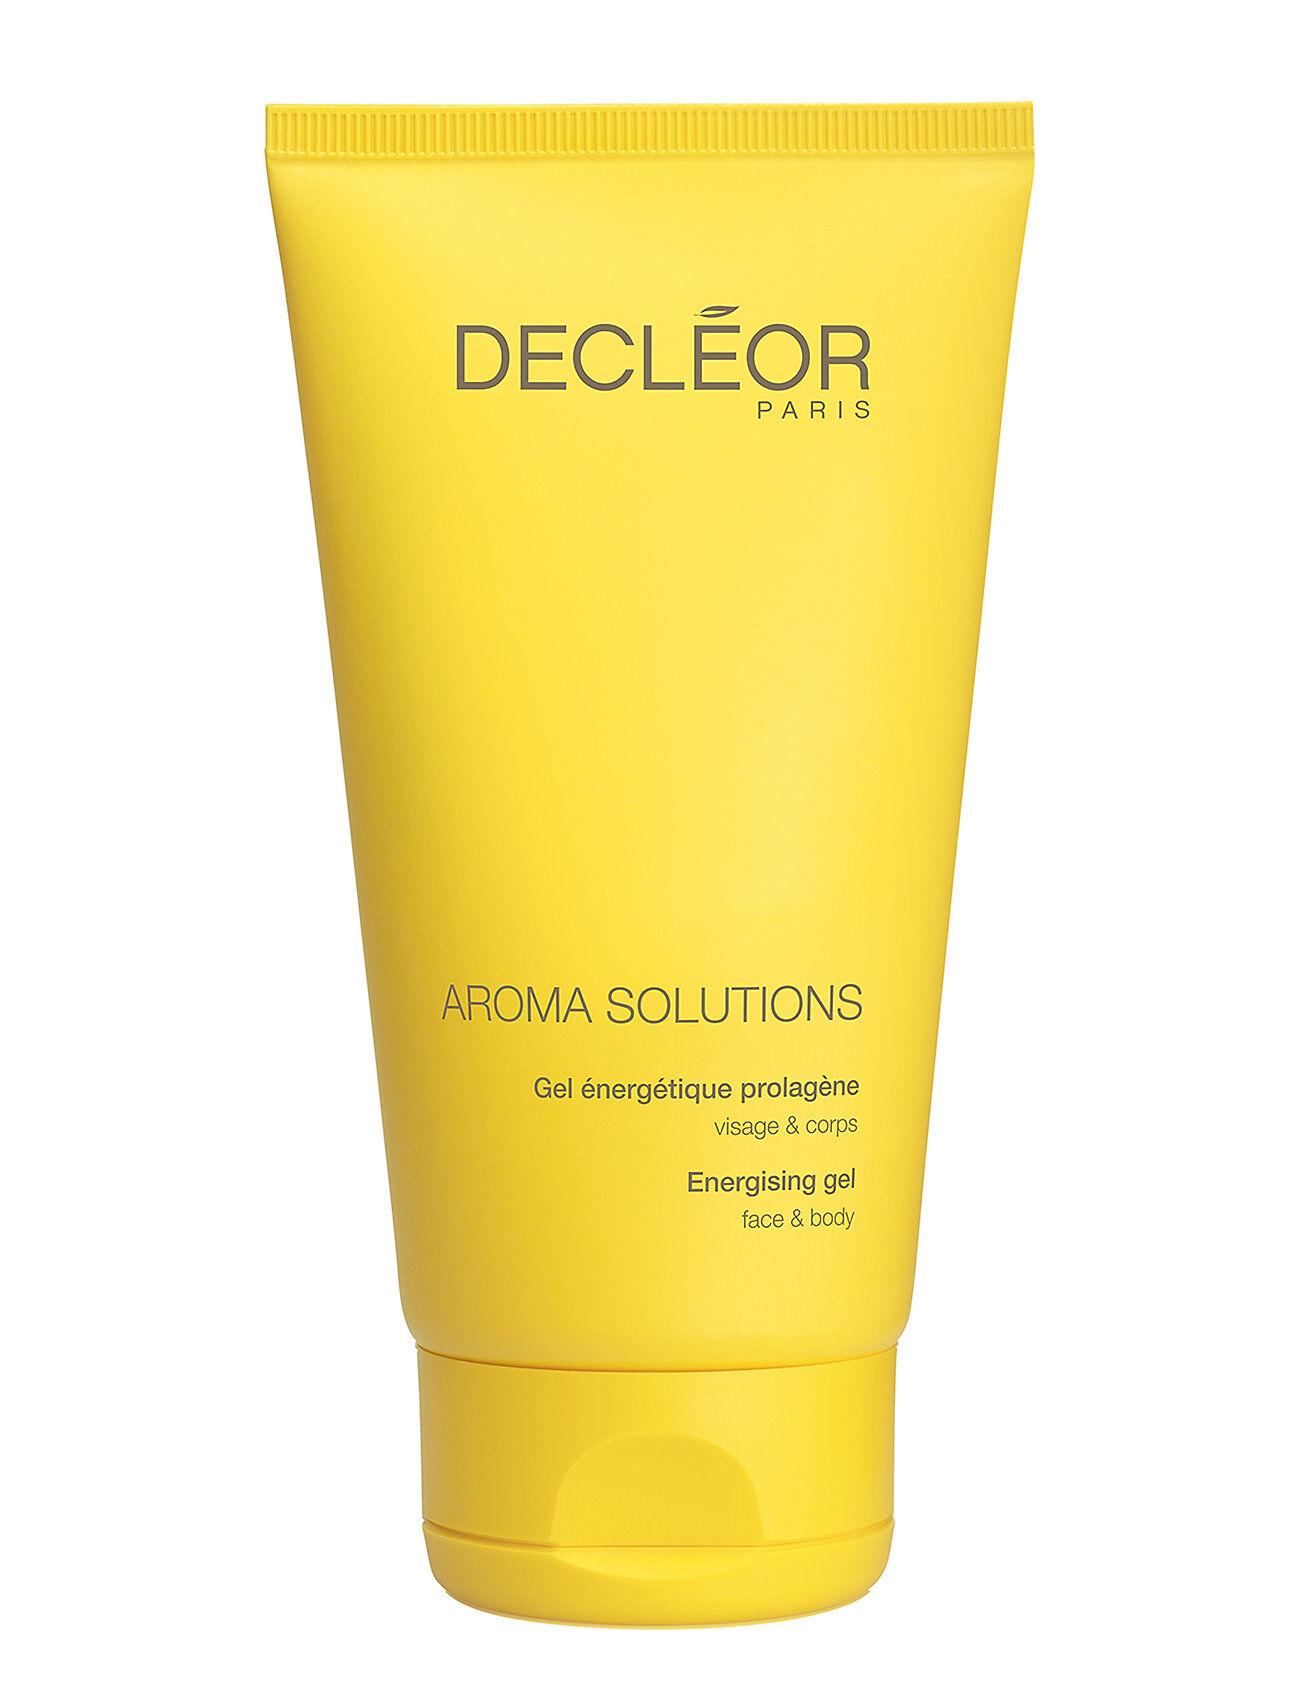 Decléor Proline Prolagene Gel Beauty WOMEN Skin Care Body Body Lotion Nude Decléor